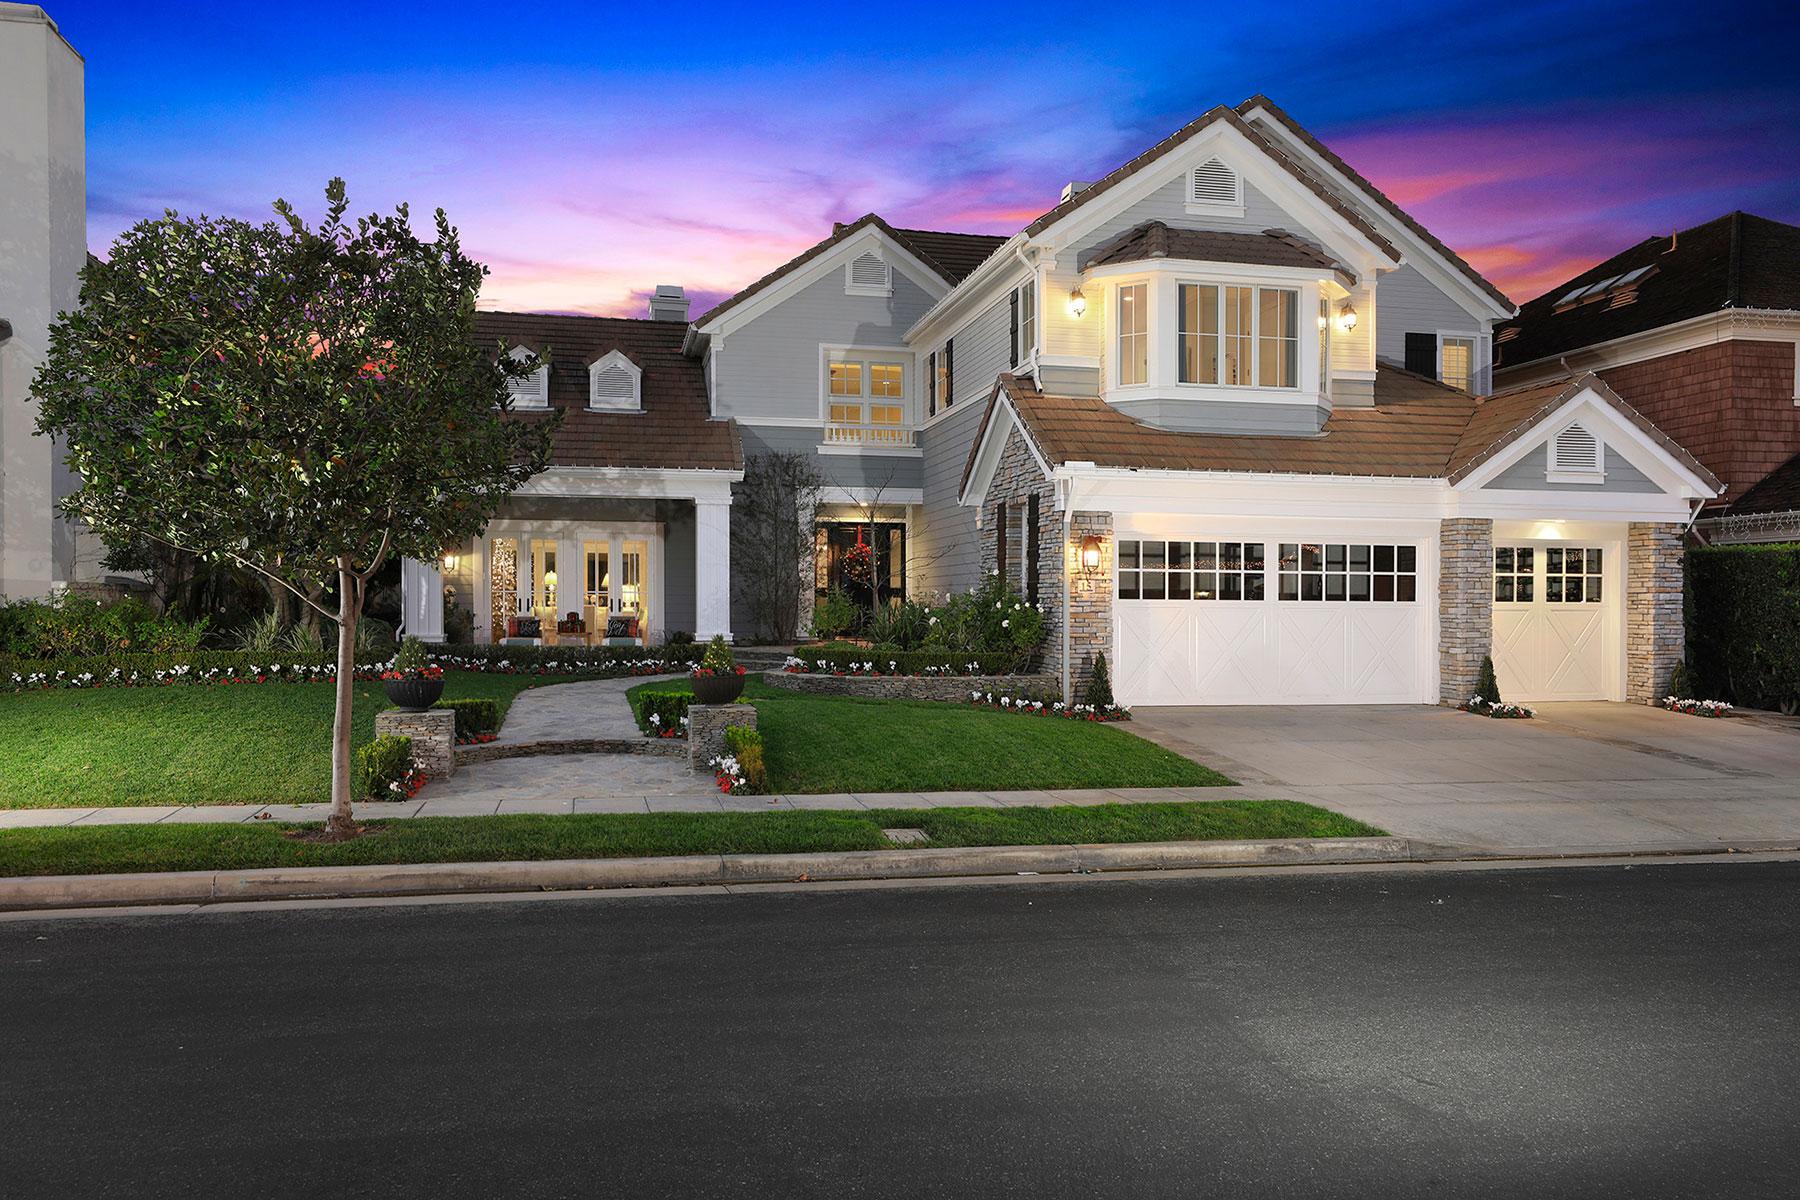 단독 가정 주택 용 매매 에 15 Gleneagles Dr Newport Beach, 캘리포니아, 92660 미국